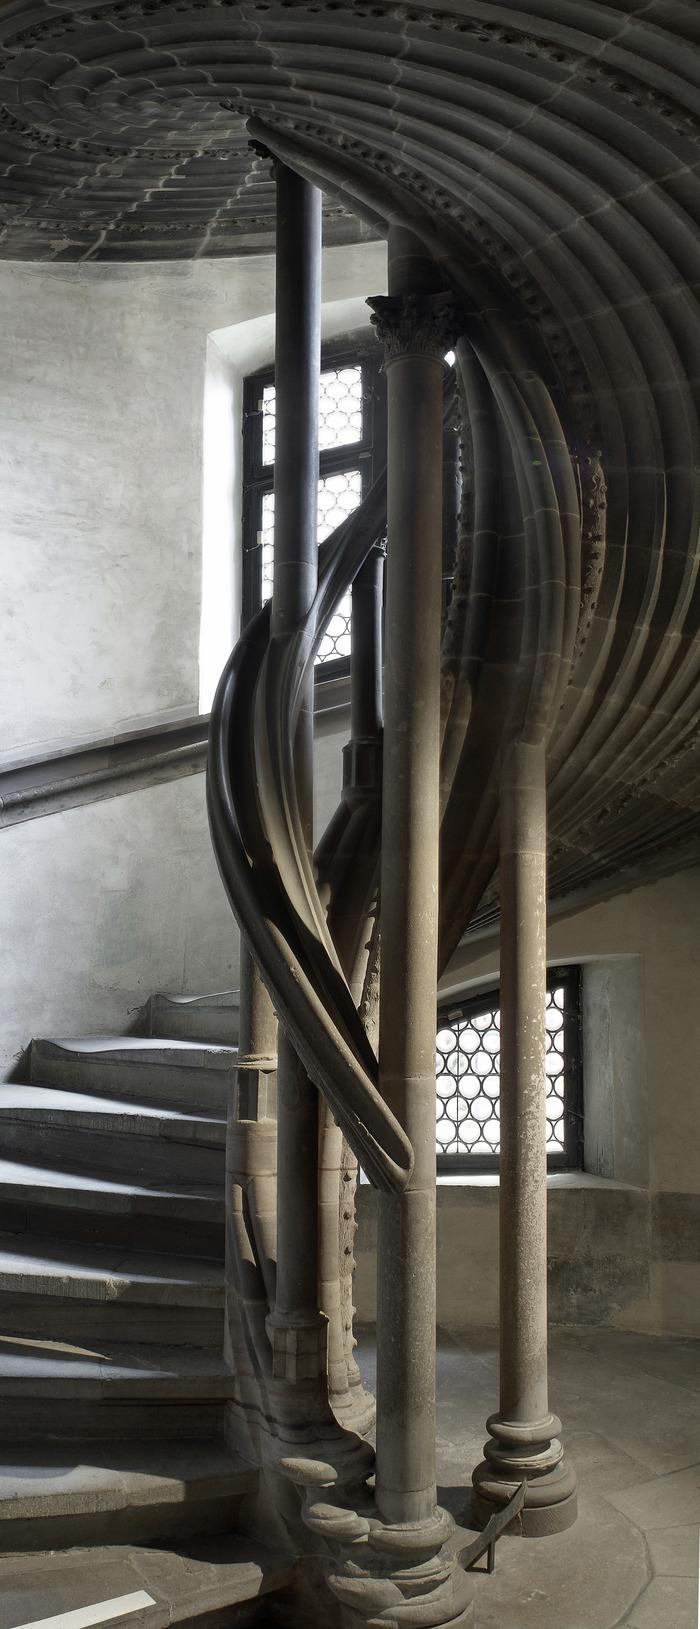 Crédits image : Escalier au Musée de l'Oeuvre Notre Dame, photo: Mathieu Bertola